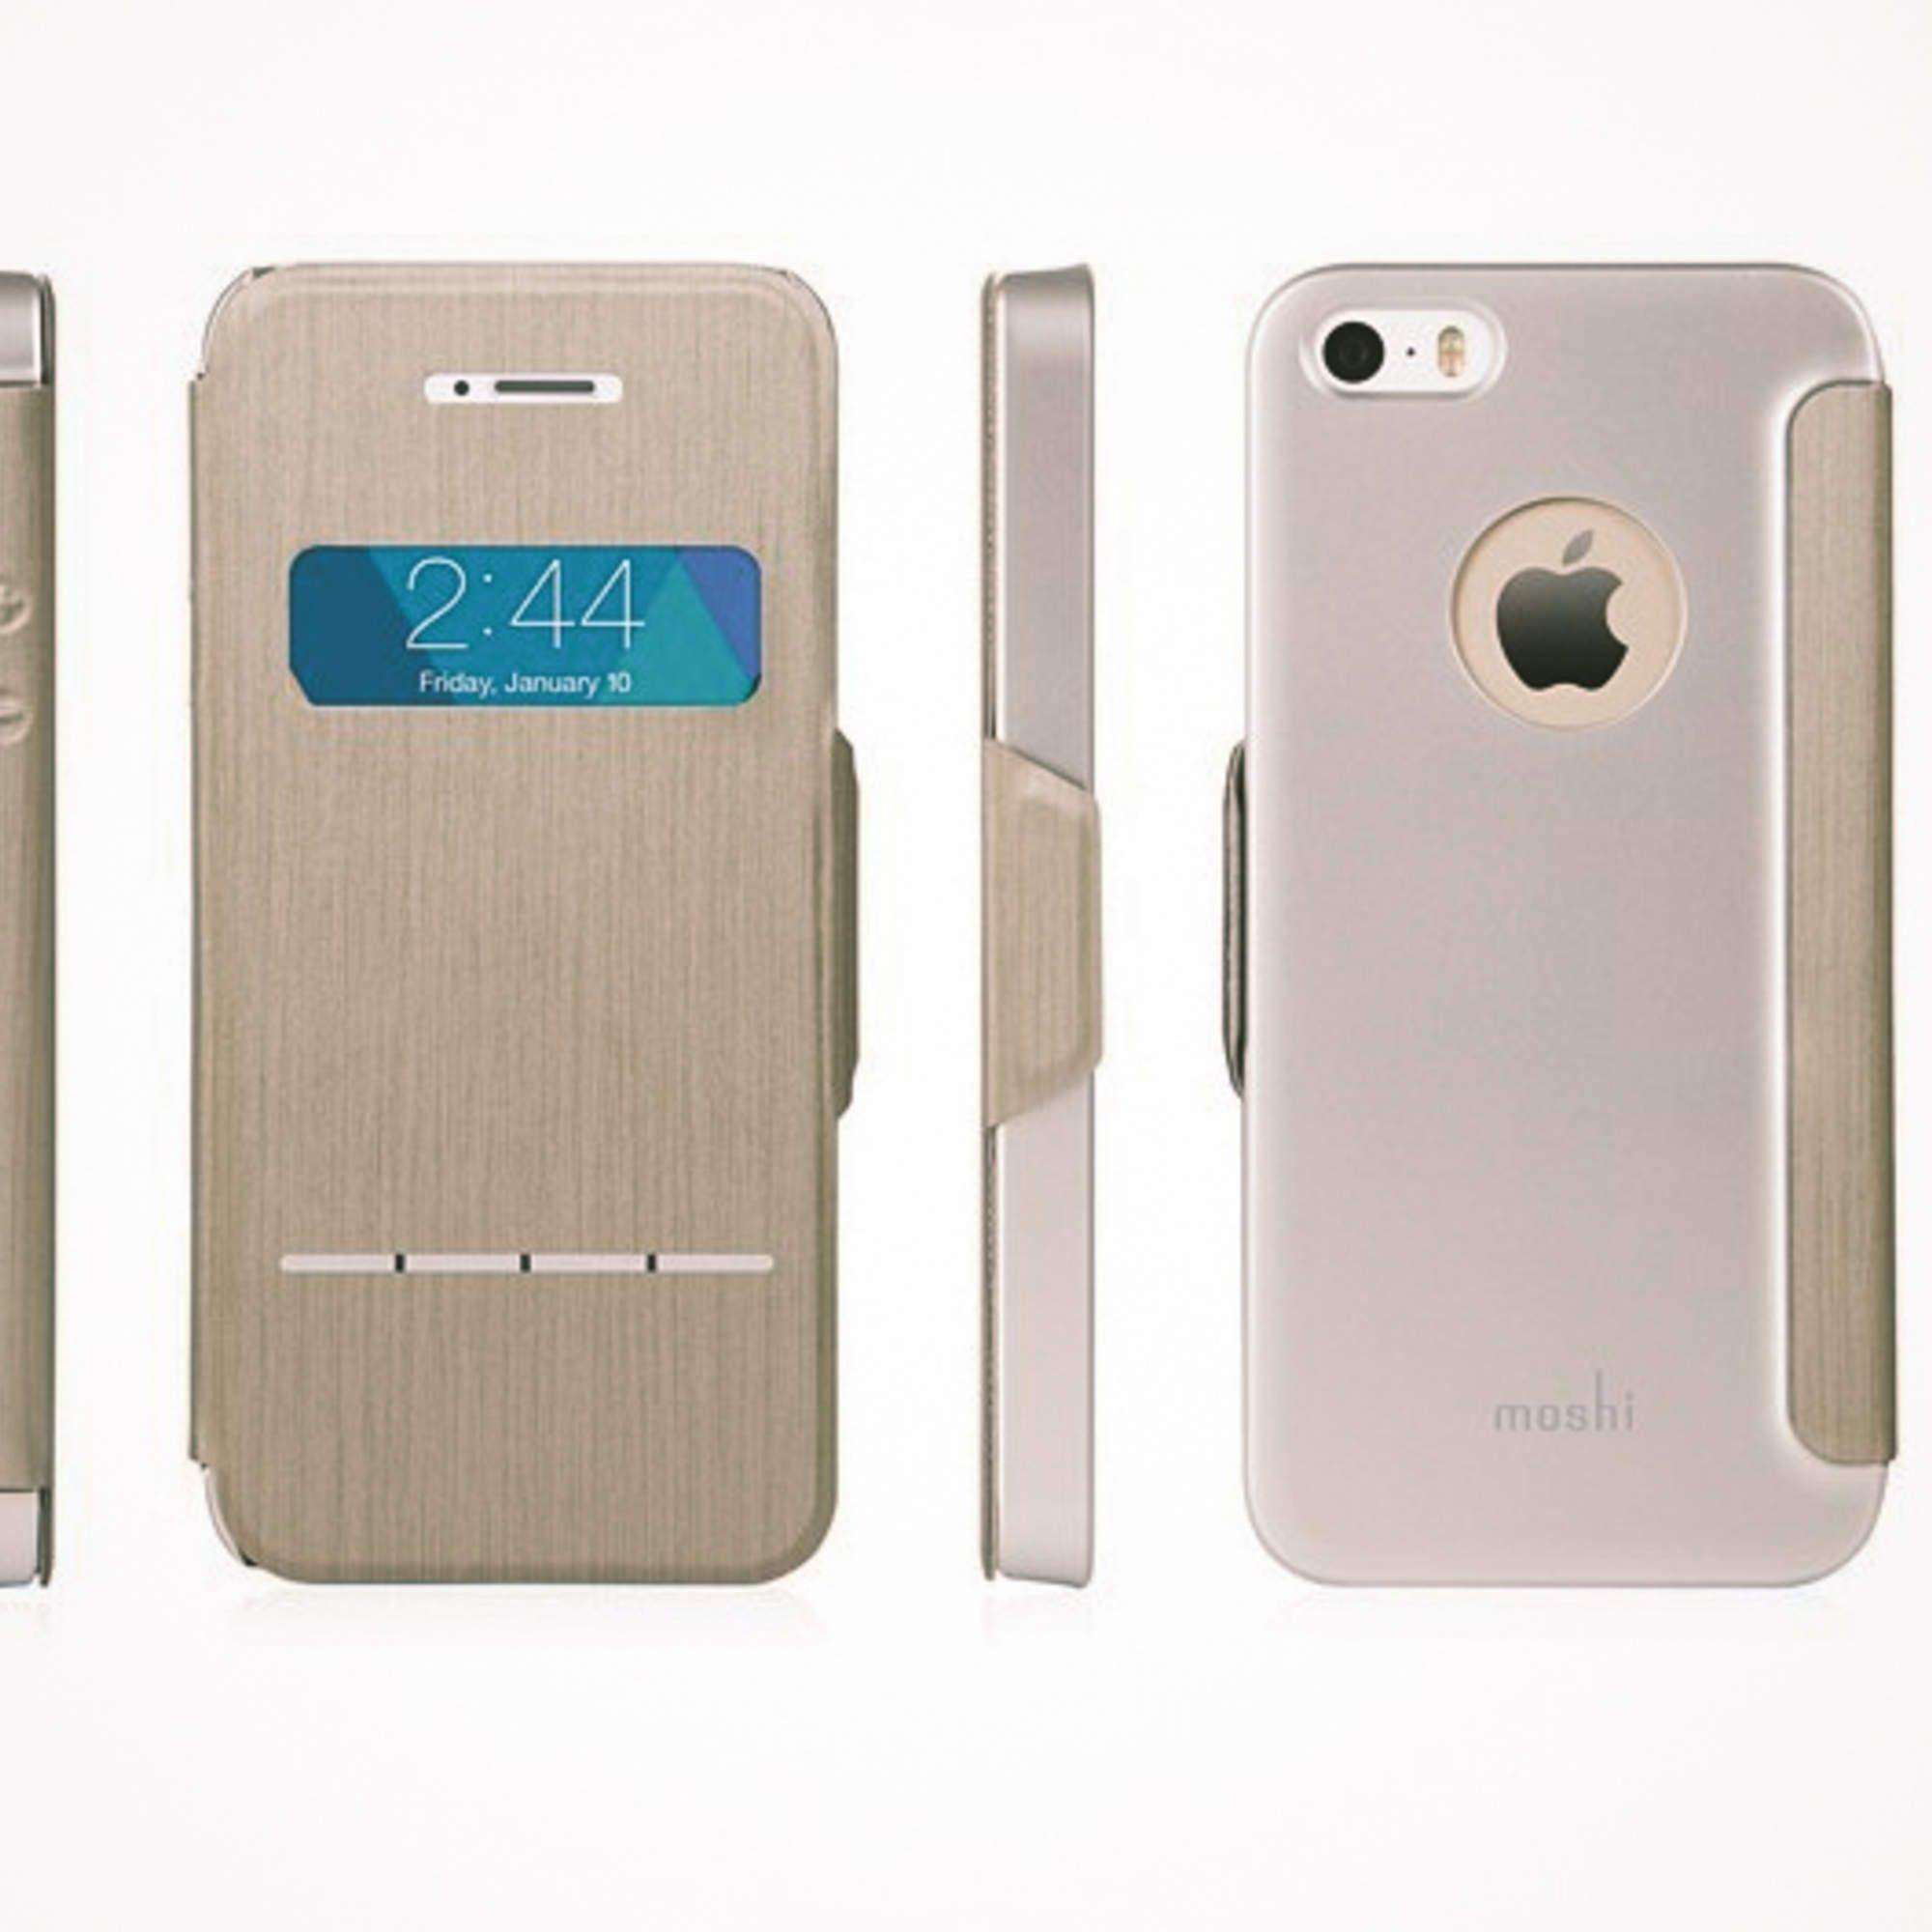 Control Your Iphone Through This Aluminum Cover Shop Iphone Cases Iphone Cases Iphone